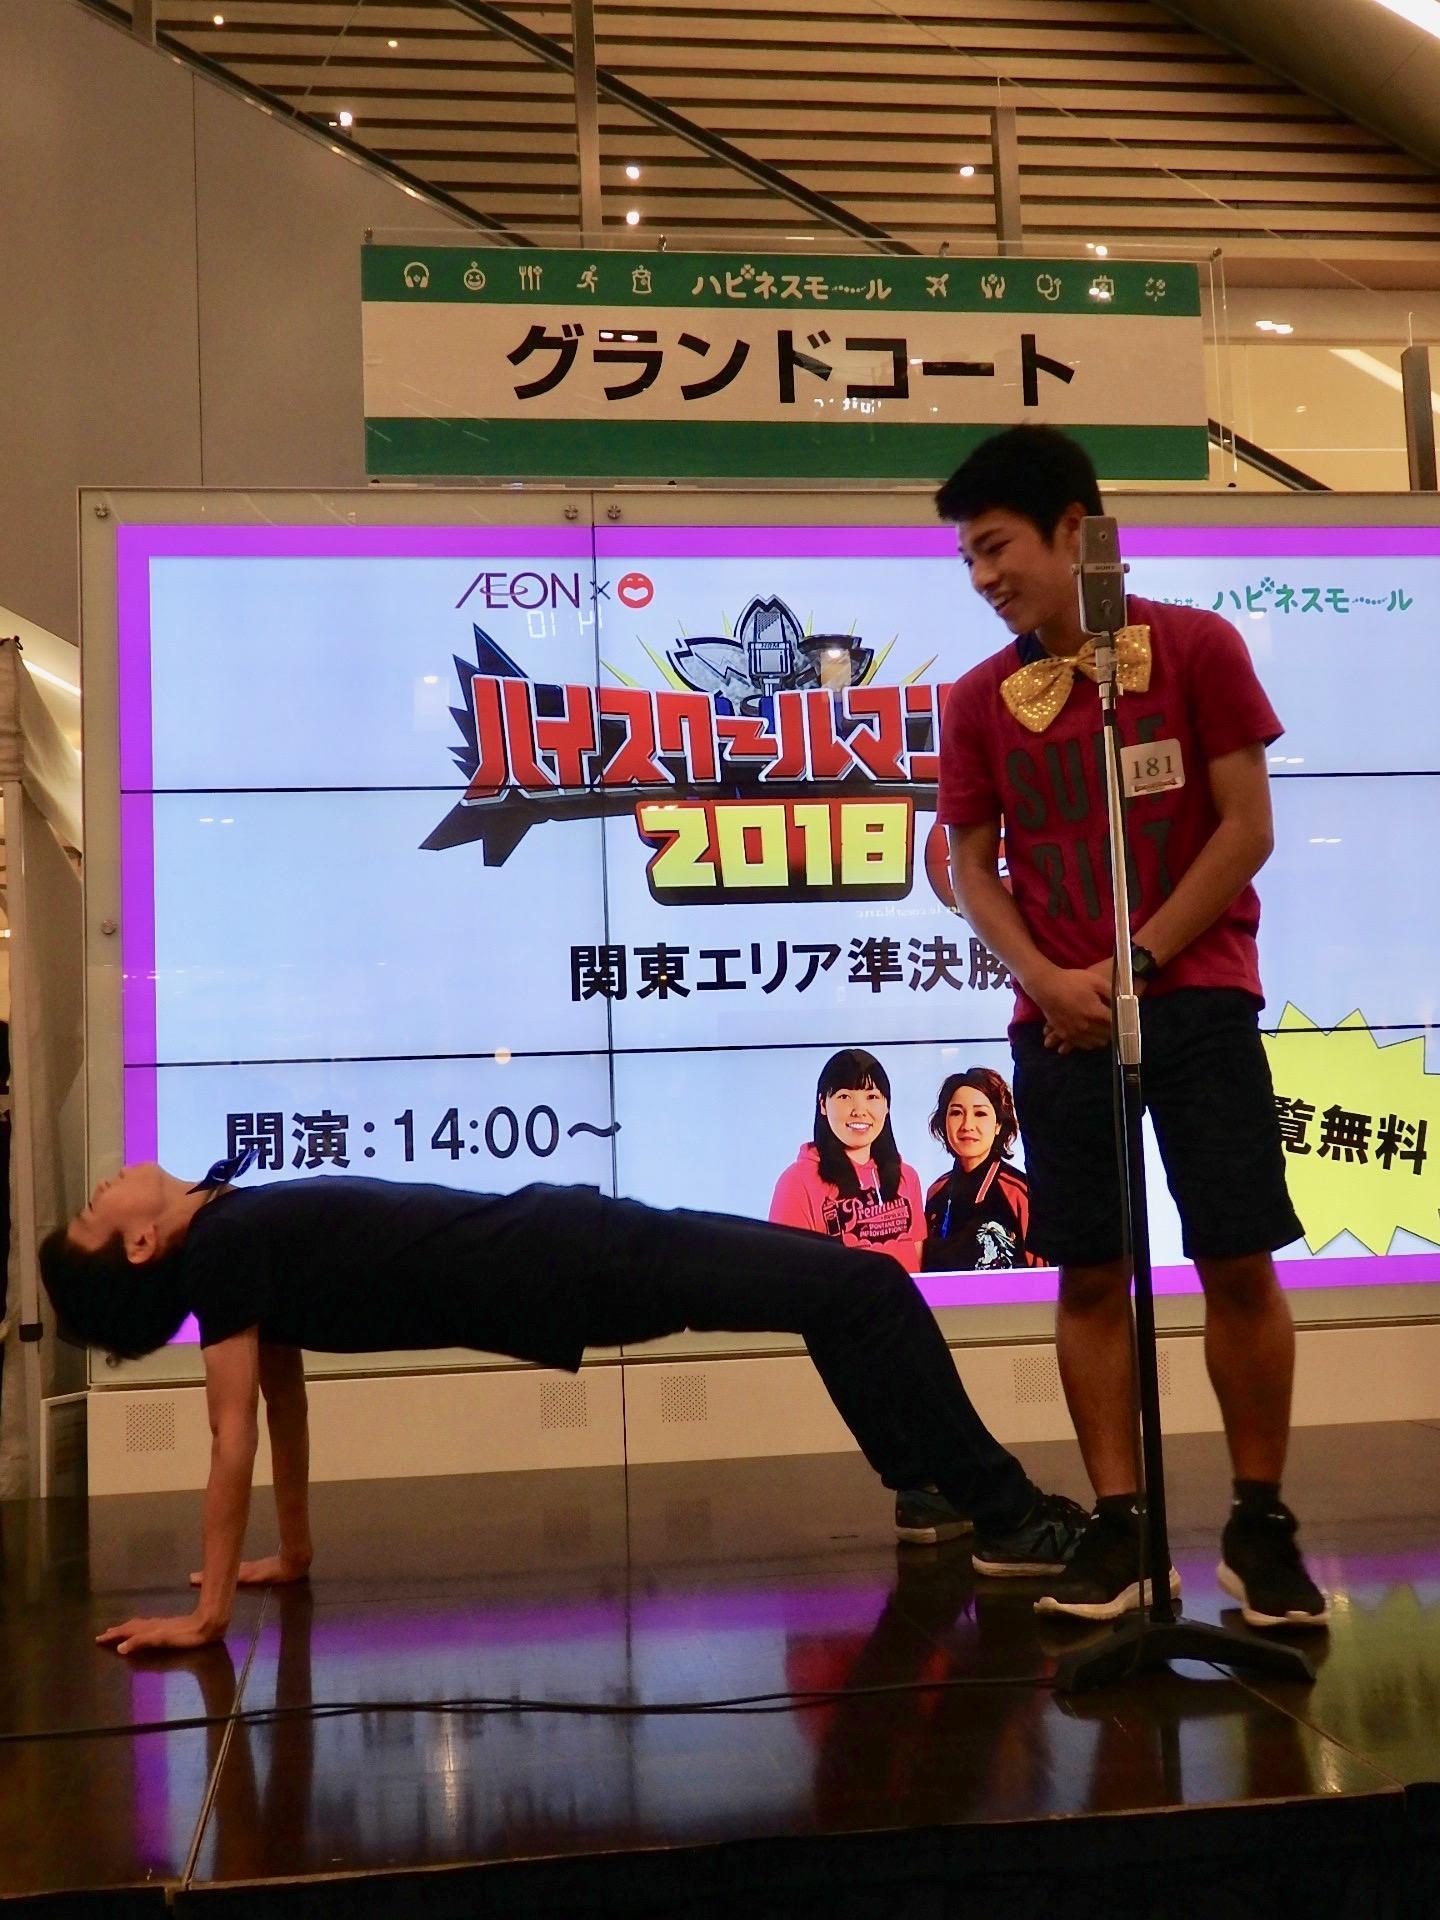 http://news.yoshimoto.co.jp/20180901154121-b1ed861a7e73566a0bb0b6f2ed45578a20e06b1c.jpg